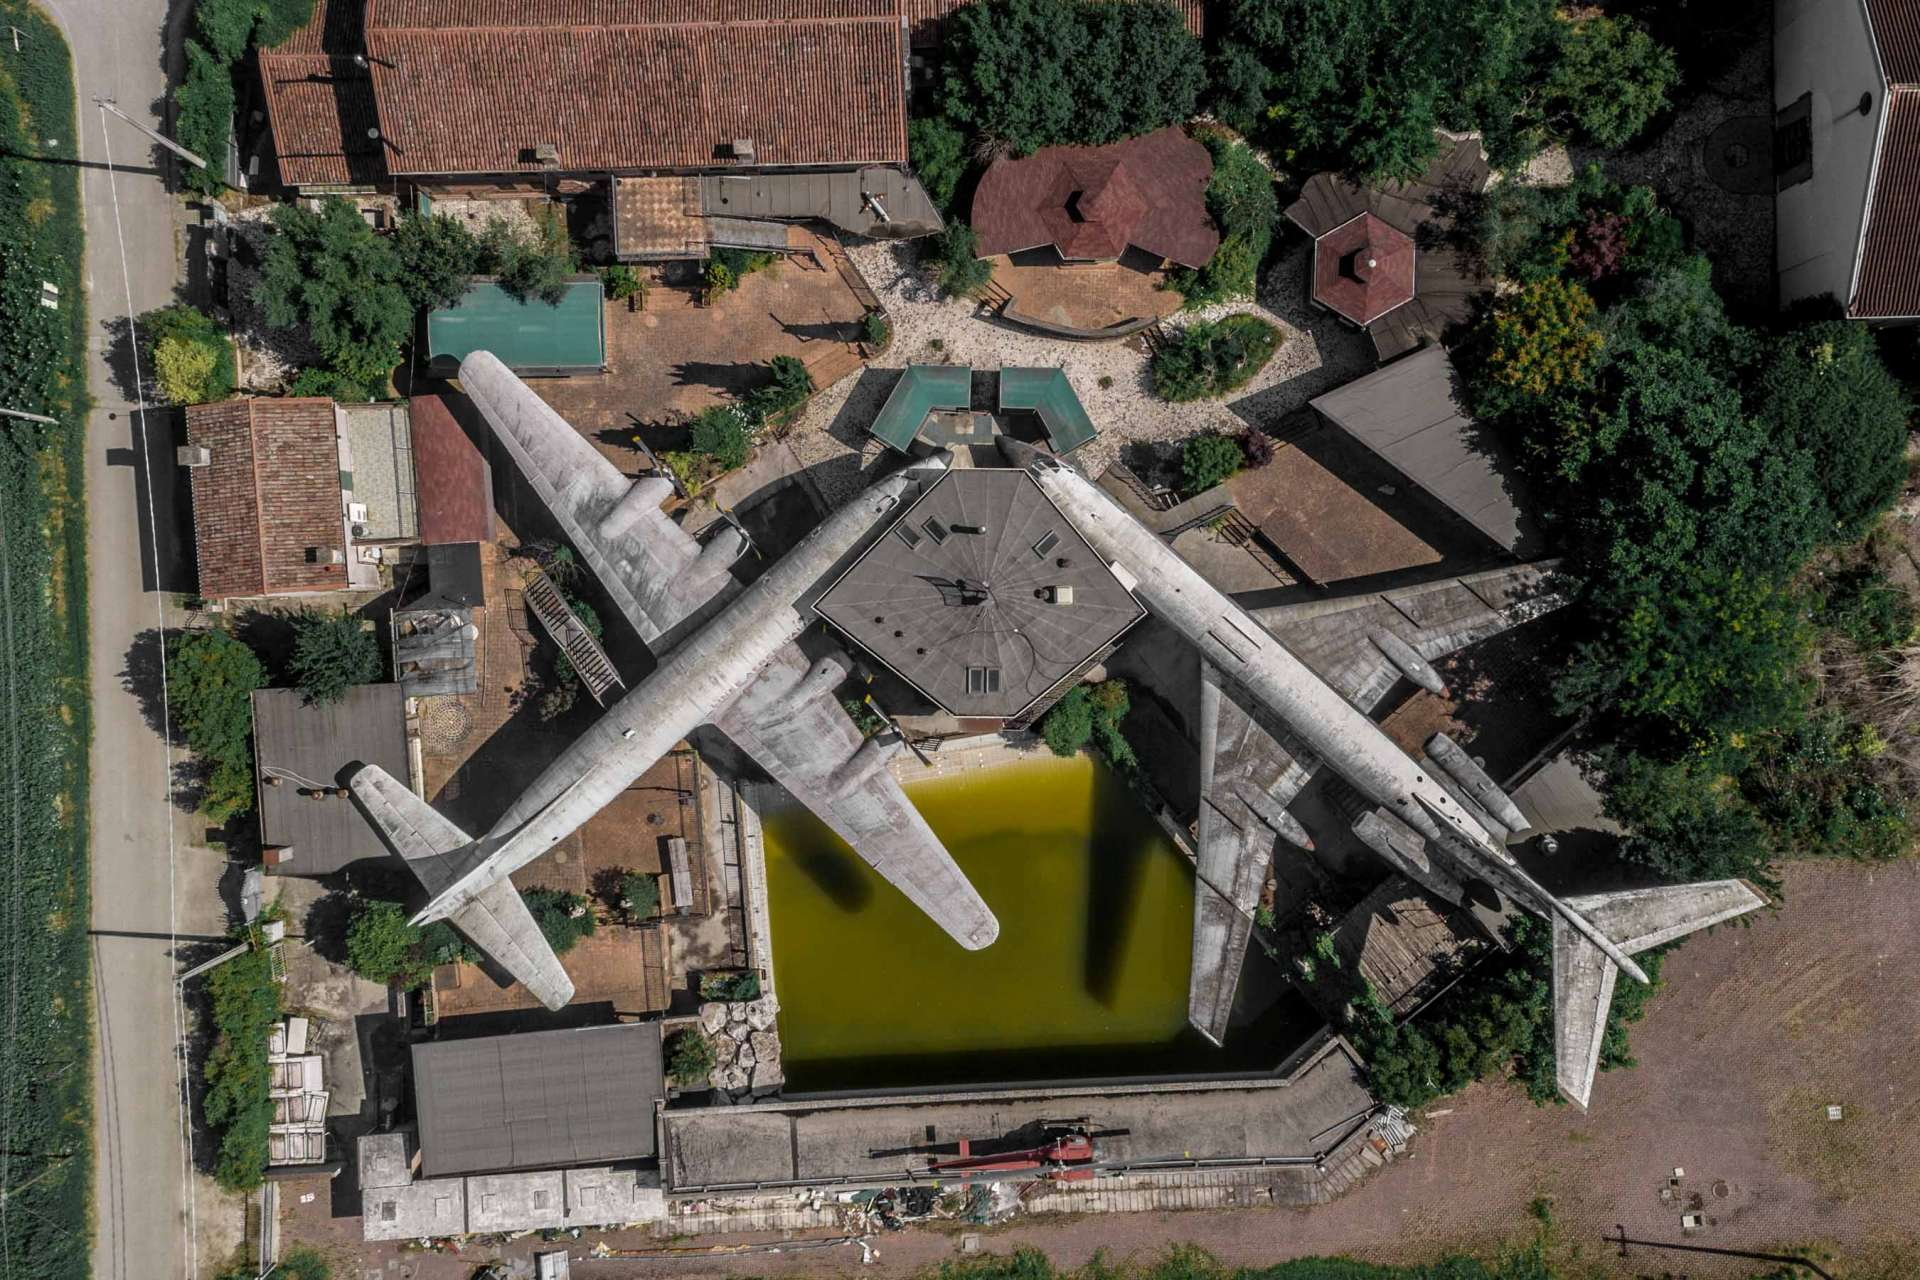 Lost Planes of Michelangelo da Vinci Villamarzana Rovigo